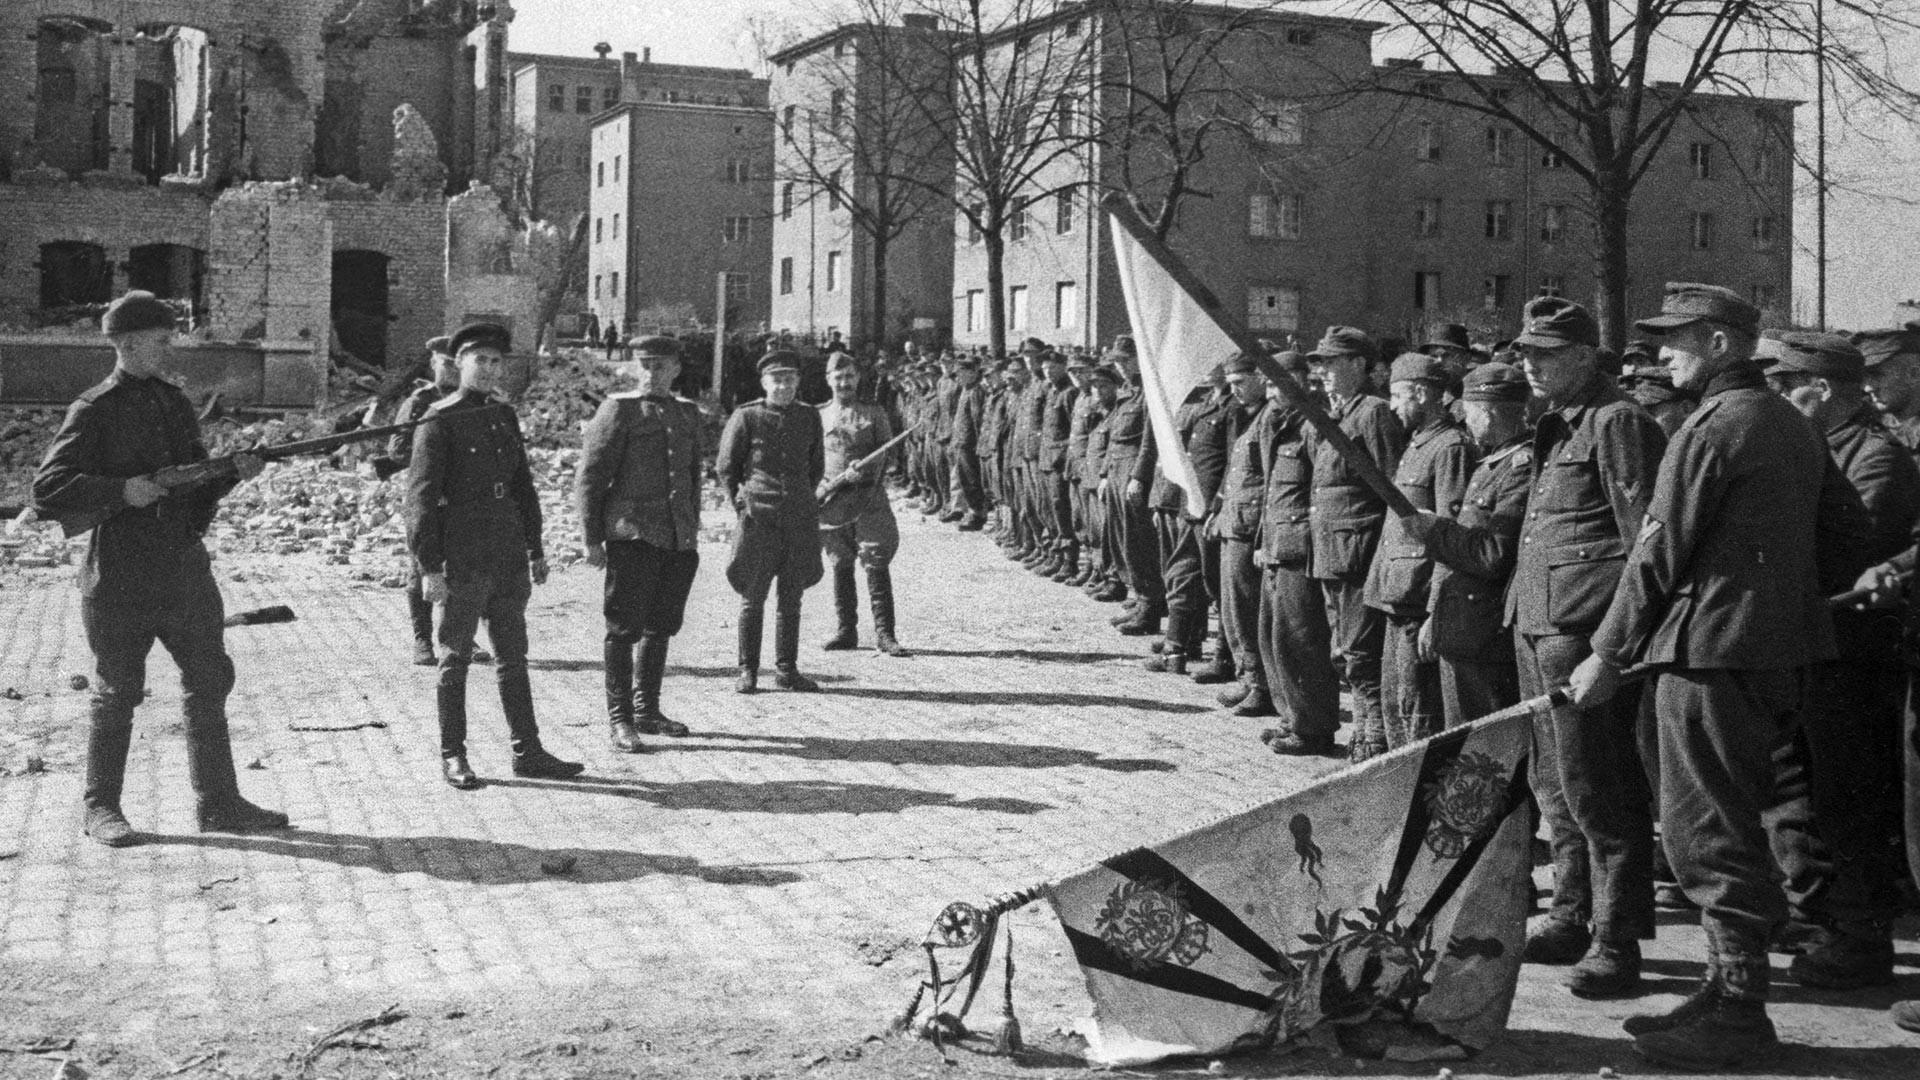 Част от берлинския гарнизон се предава в плен